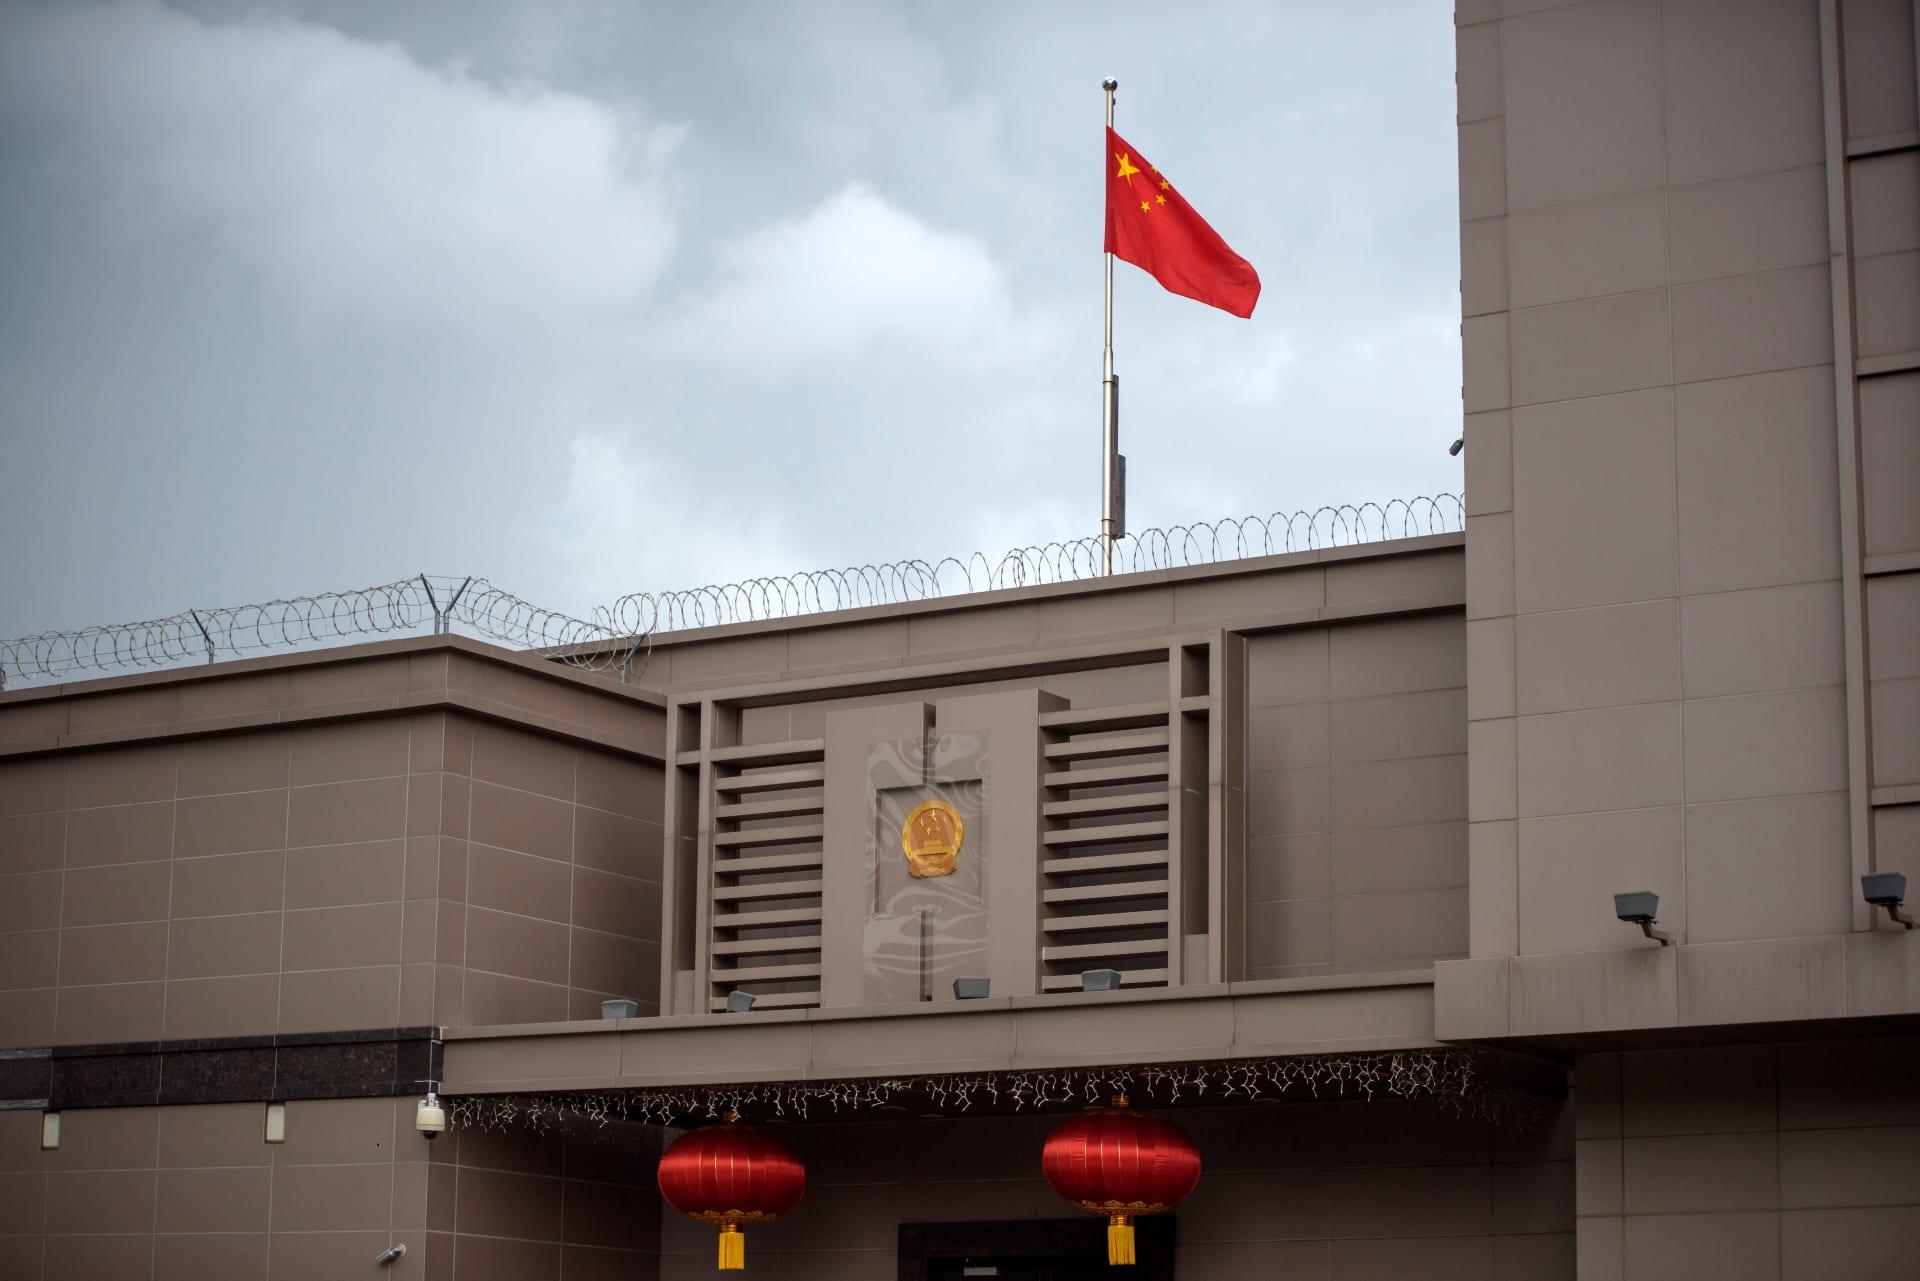 القنصلية الصينية في هيوستن والتي تطالب السلطات الأمريكية بإغلاقها